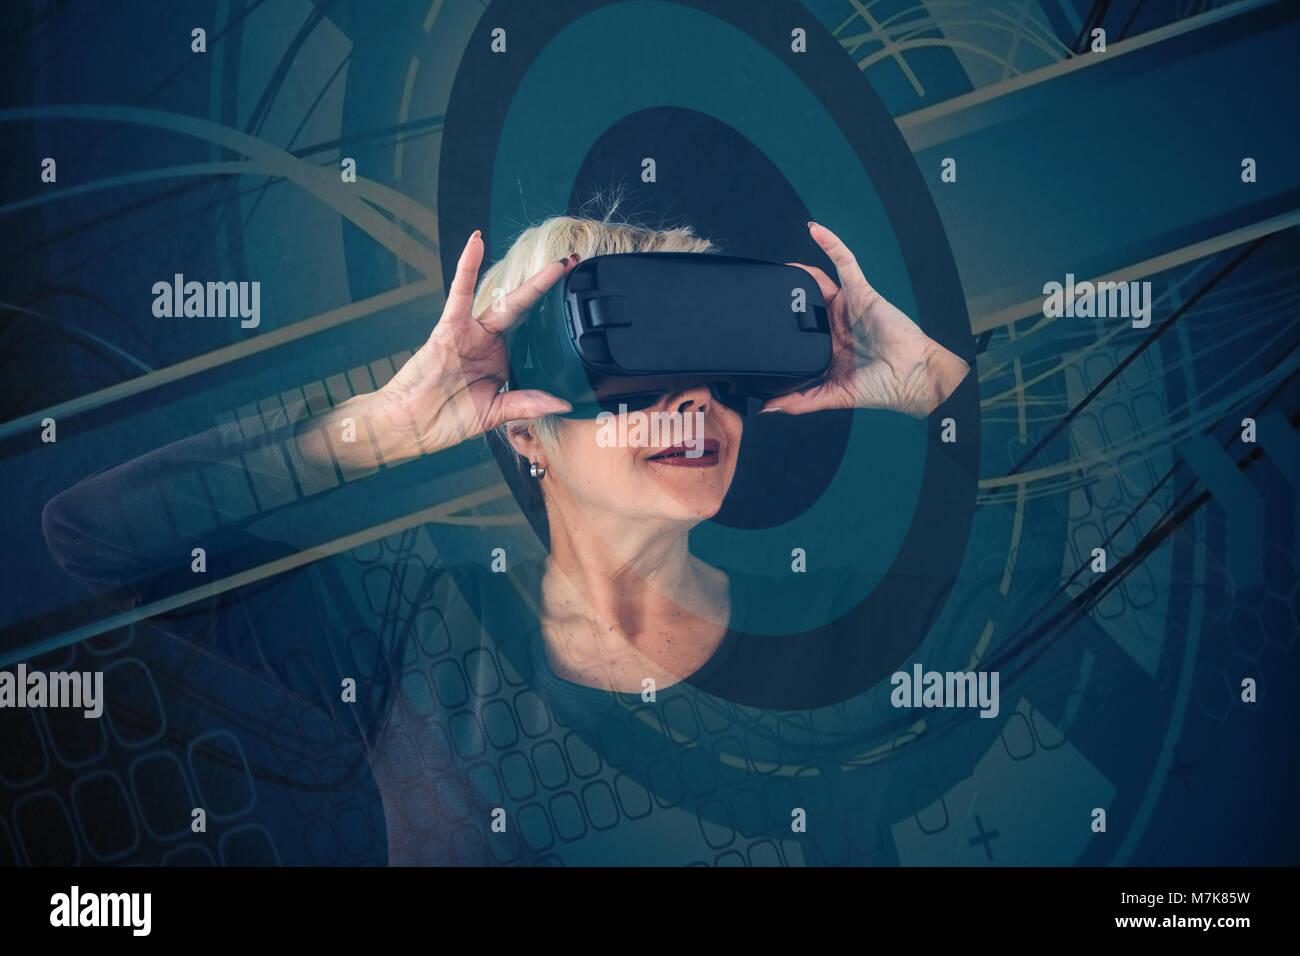 Une femme âgée en lunettes de réalité virtuelle. Avec des effets visuels. Une personne âgée Photo Stock